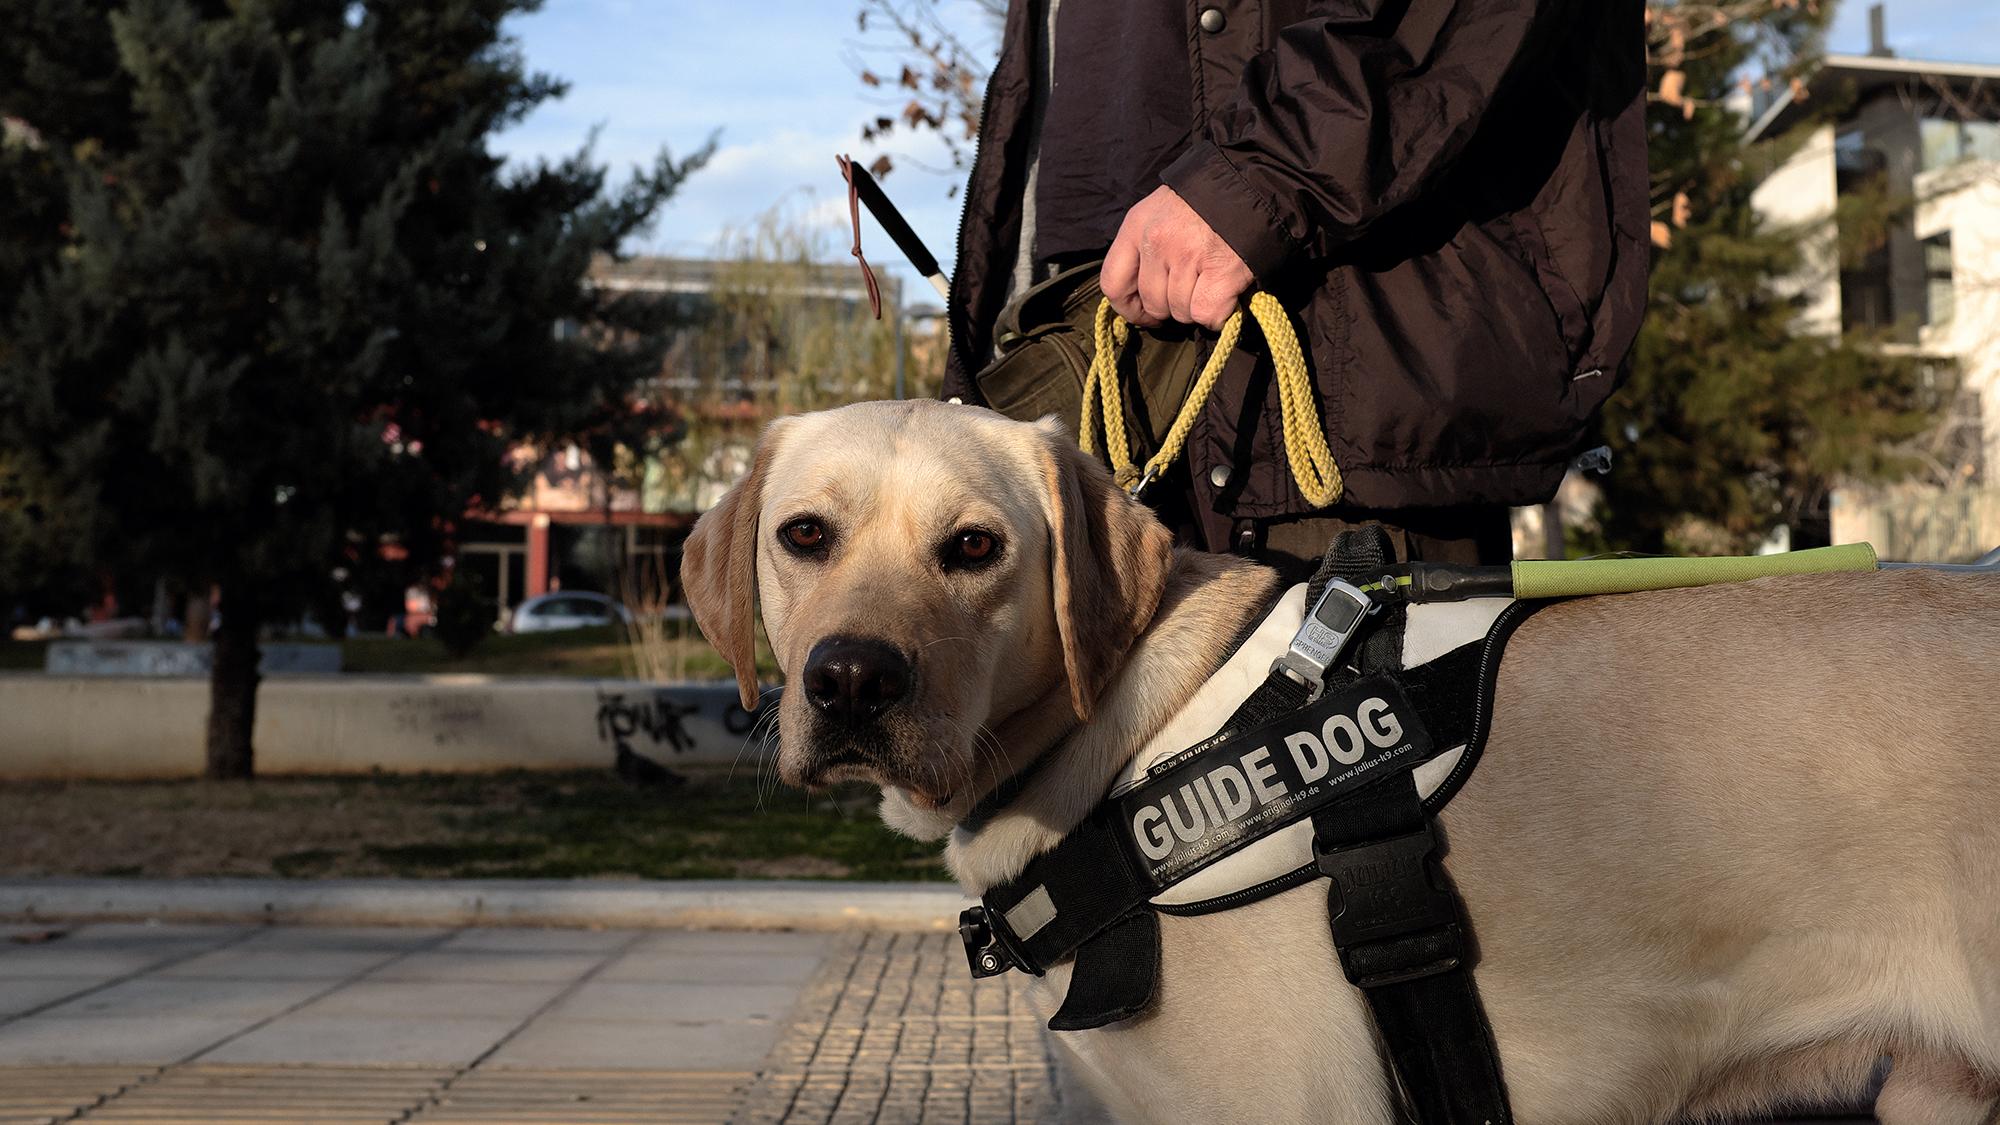 τυφλή σκύλοι οδηγοί